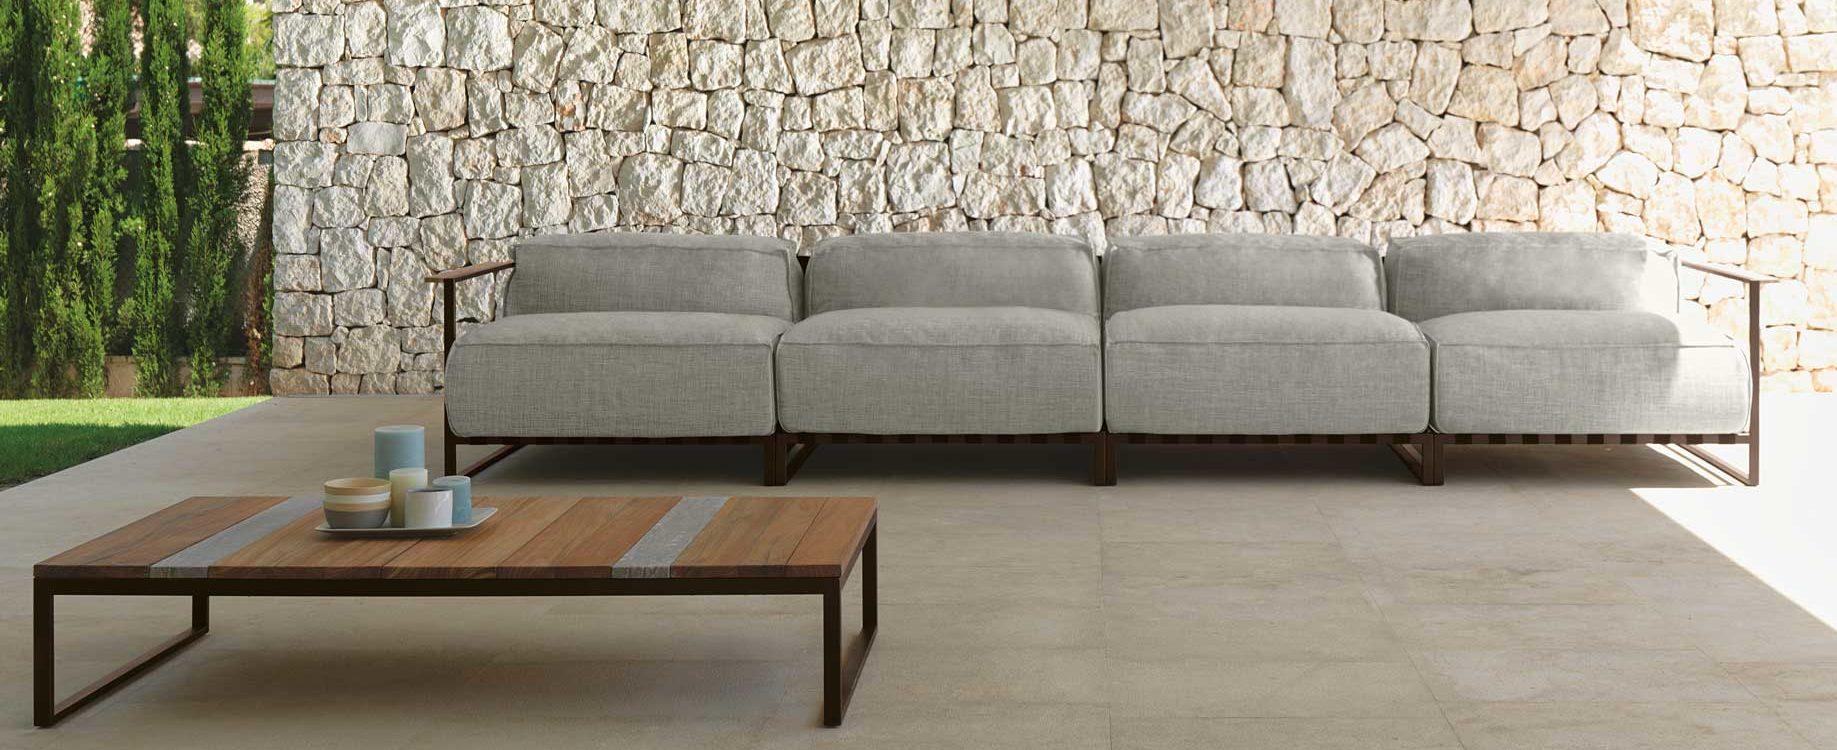 Badar Modular Sectional Sofa  Couture Outdoor